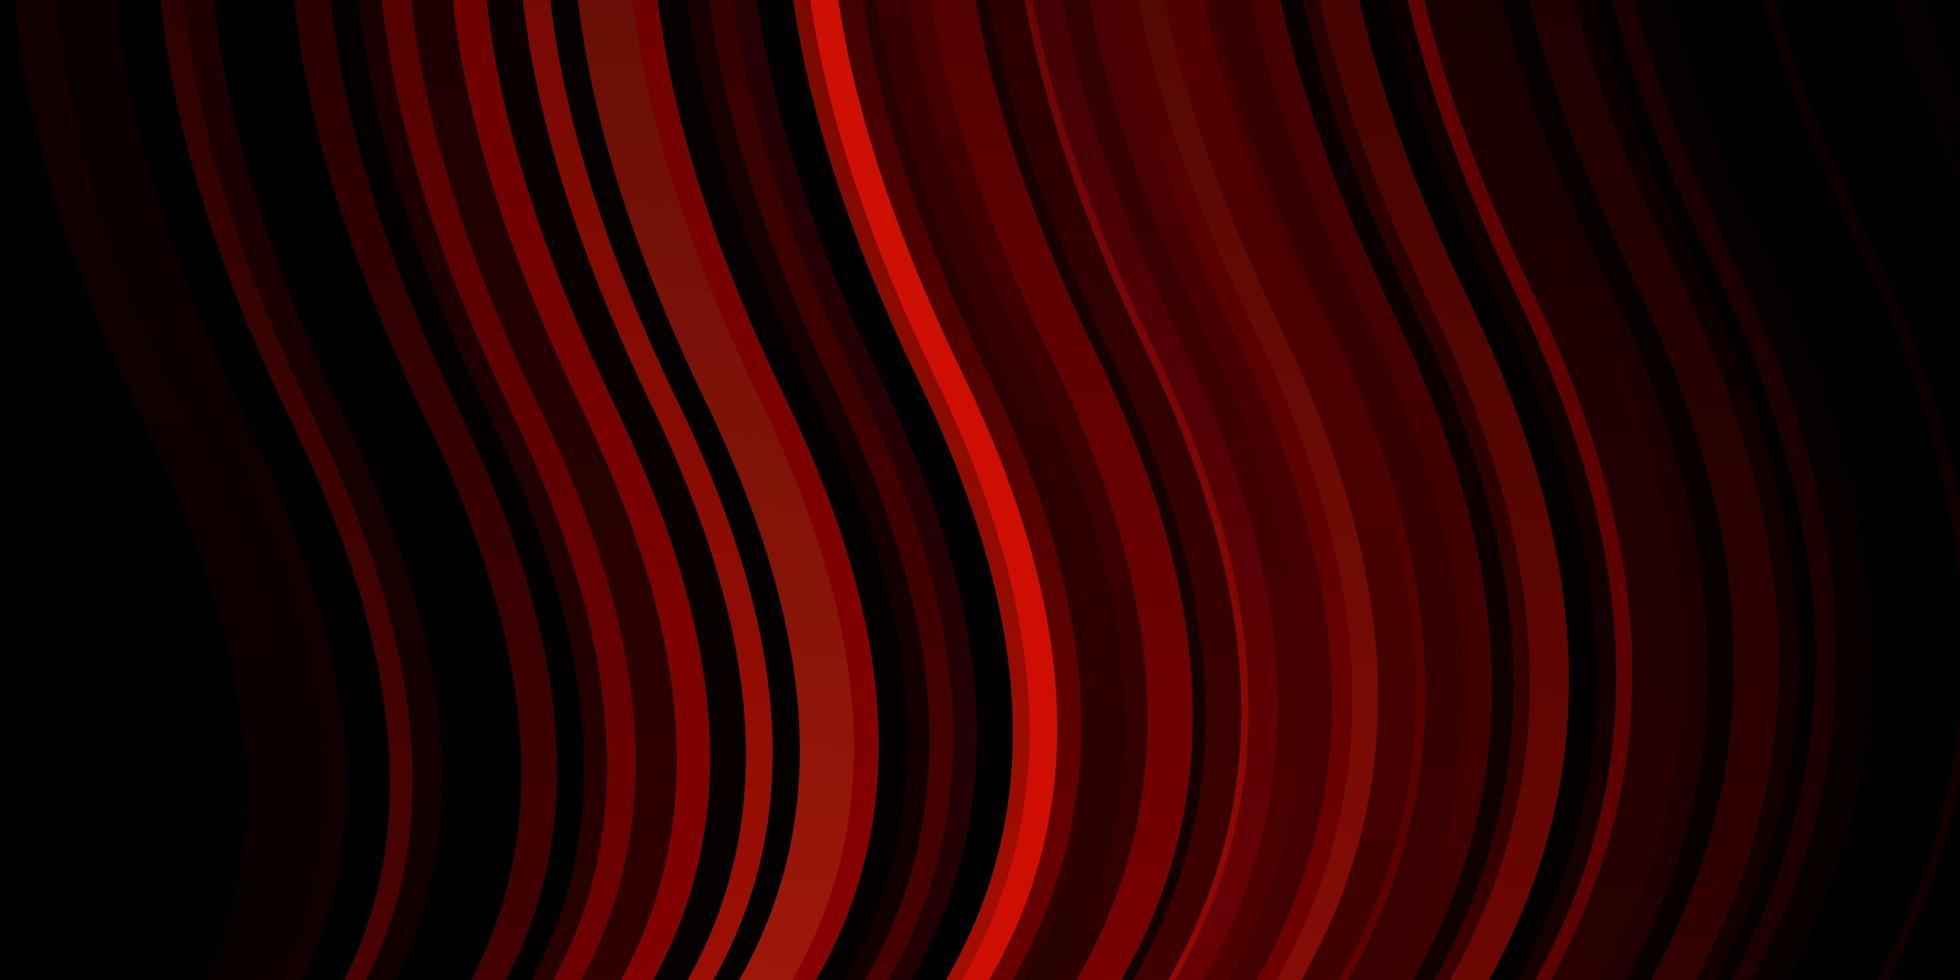 trama vettoriale rosa scuro, rosso con linee ironiche.